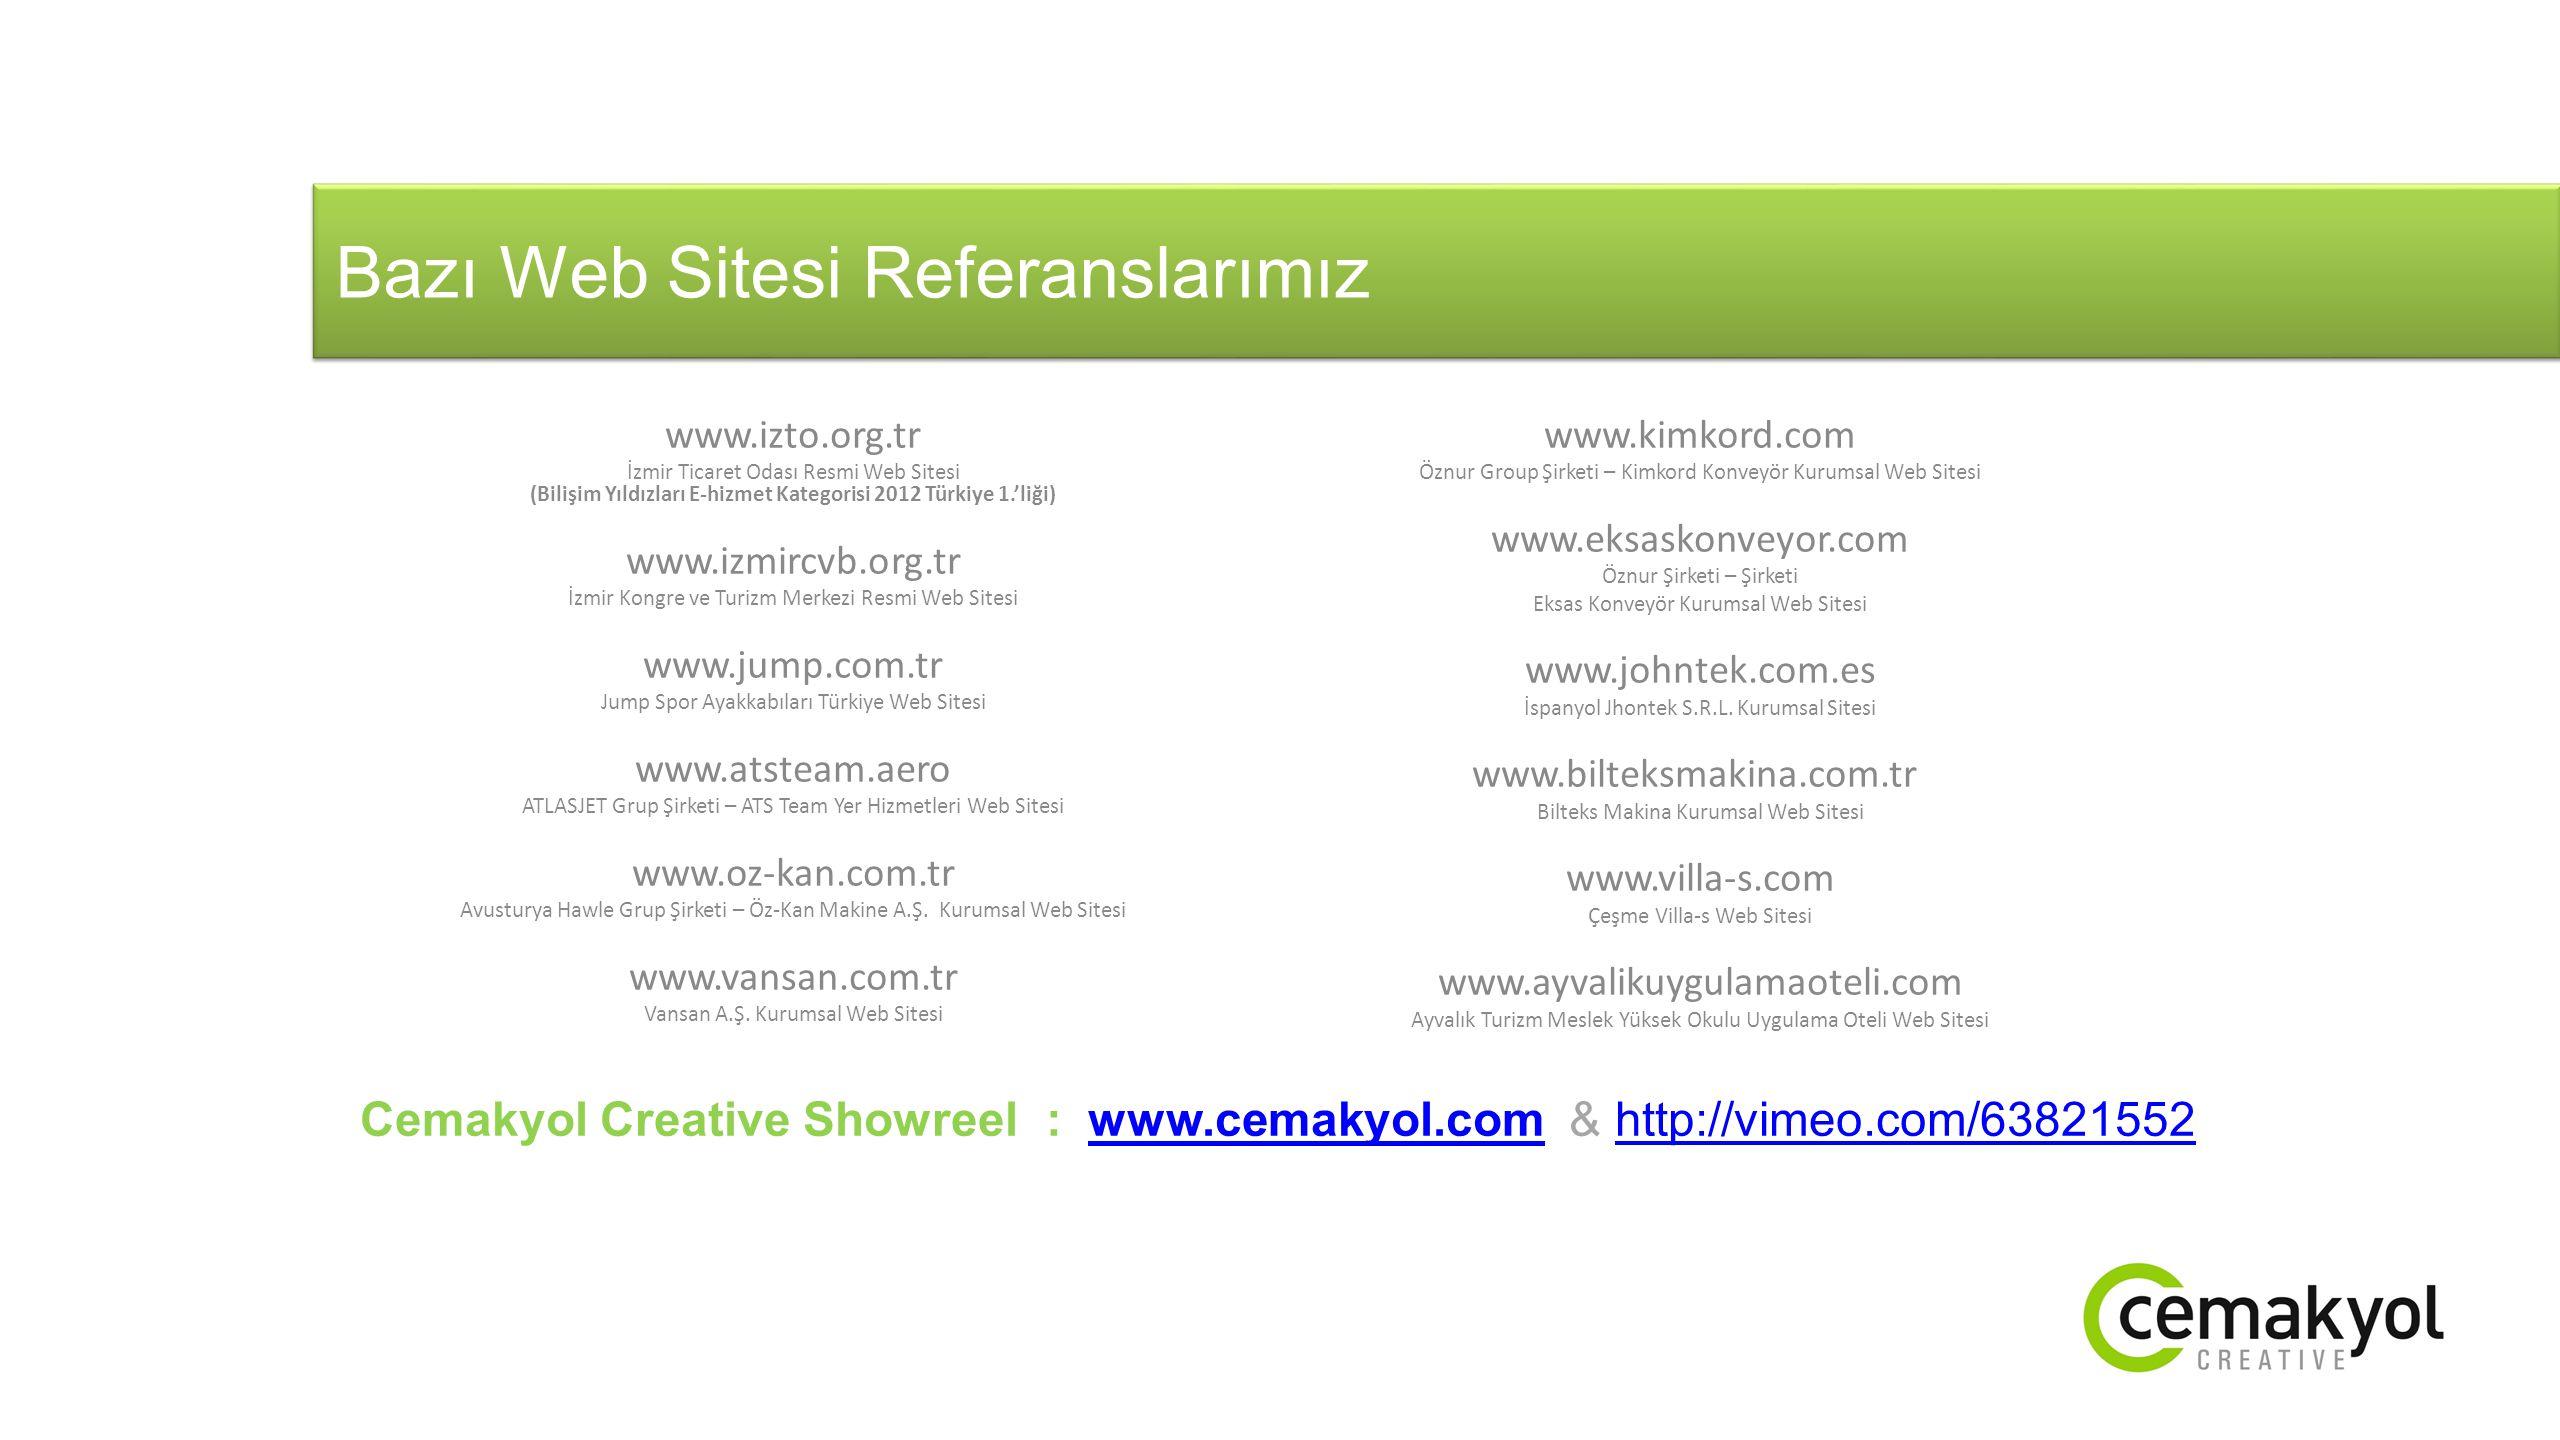 Bazı Web Sitesi Referanslarımız www.izto.org.tr İzmir Ticaret Odası Resmi Web Sitesi (Bilişim Yıldızları E-hizmet Kategorisi 2012 Türkiye 1.'liği) www